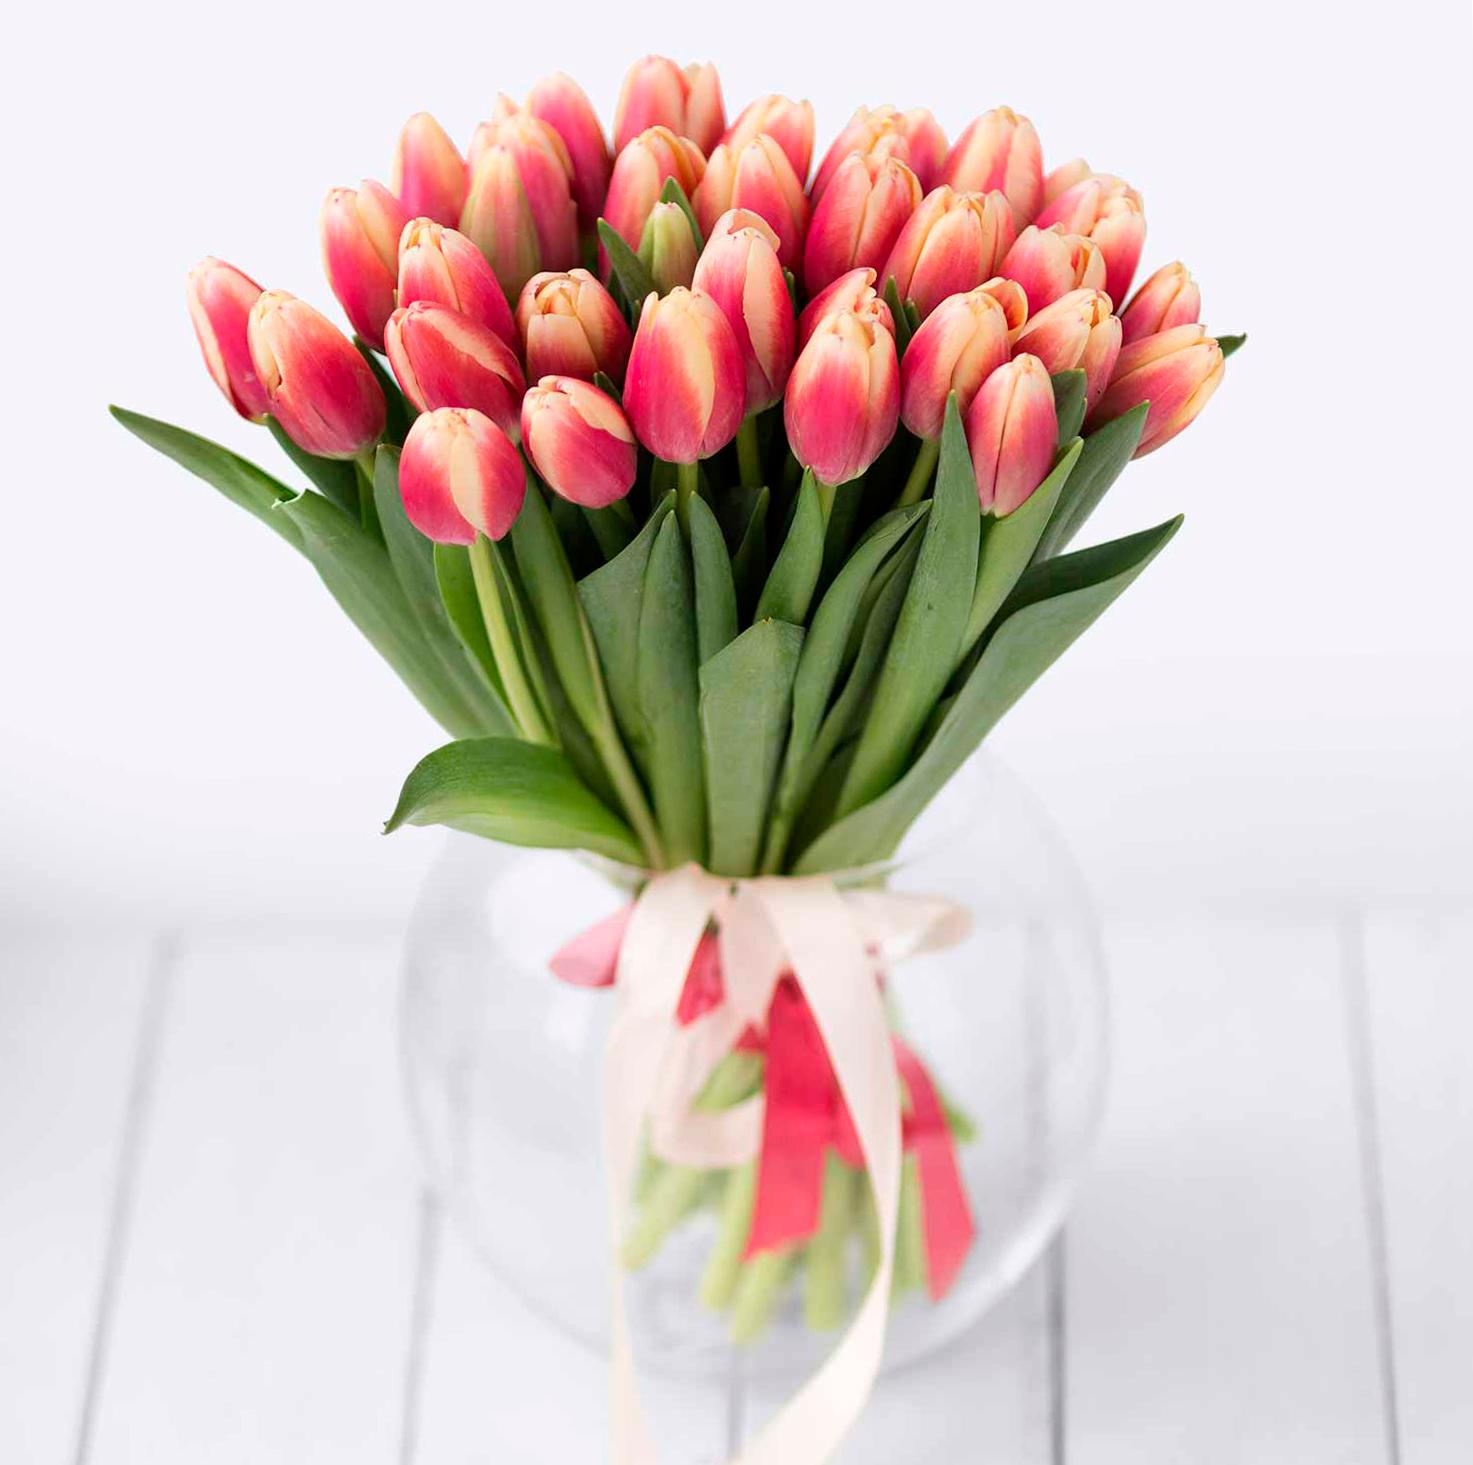 tulip-photo-182